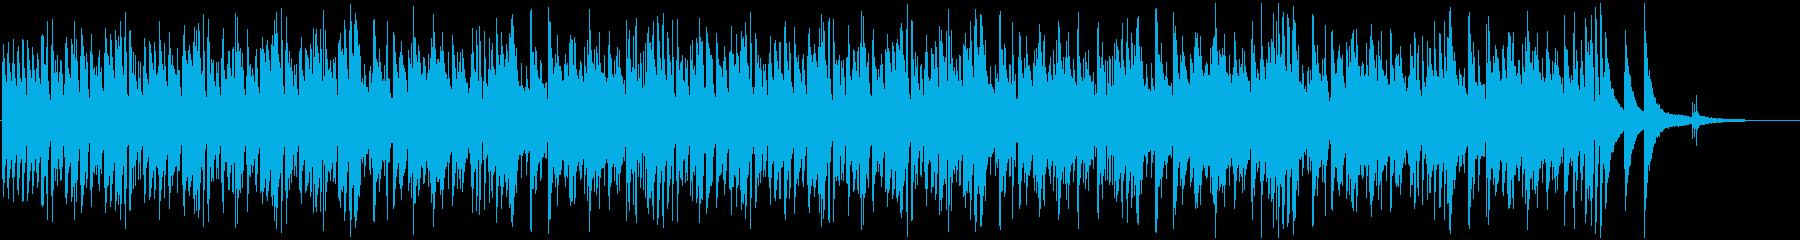 商品紹介に使える軽快なジャズの再生済みの波形